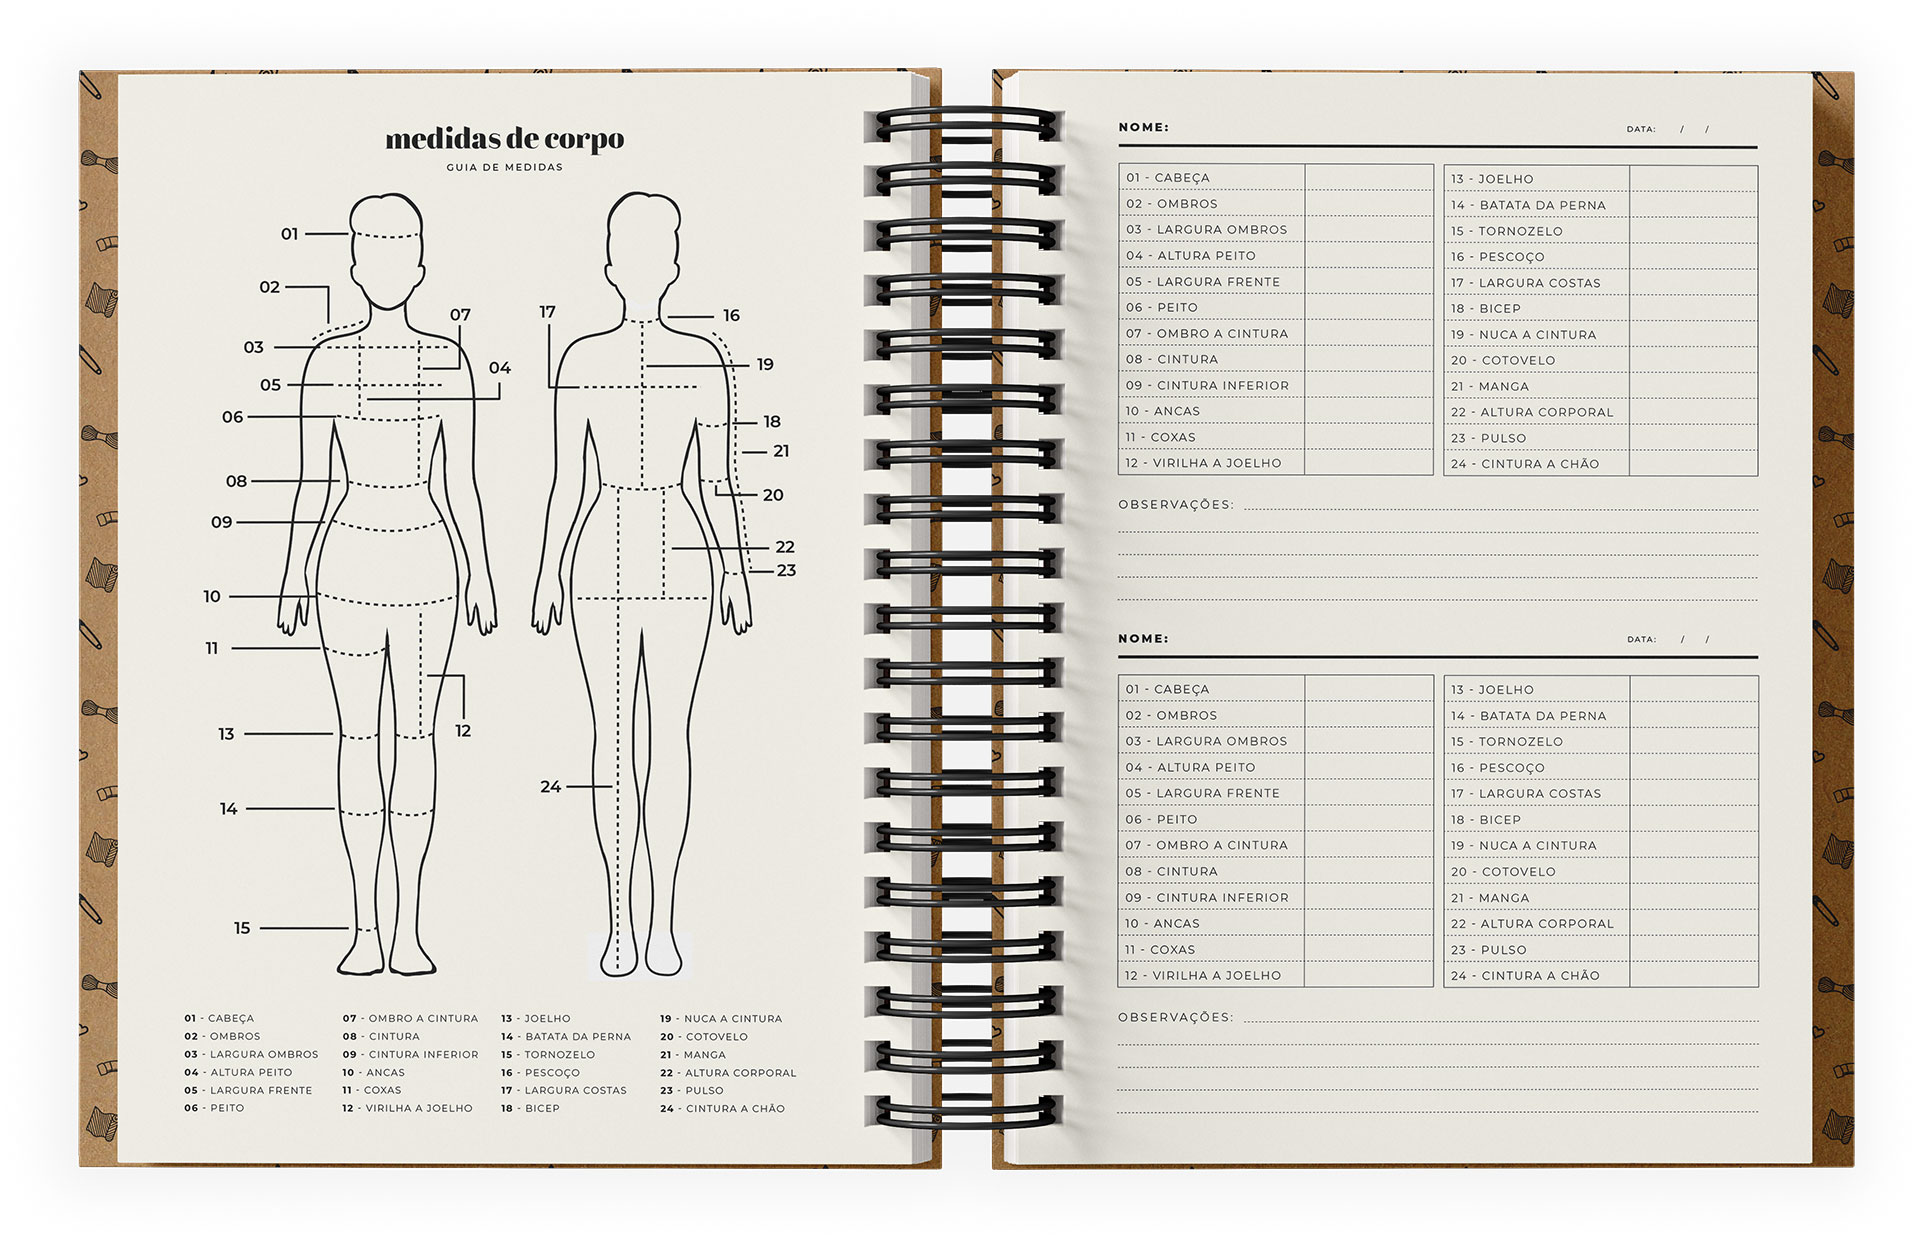 Medidas de corpo